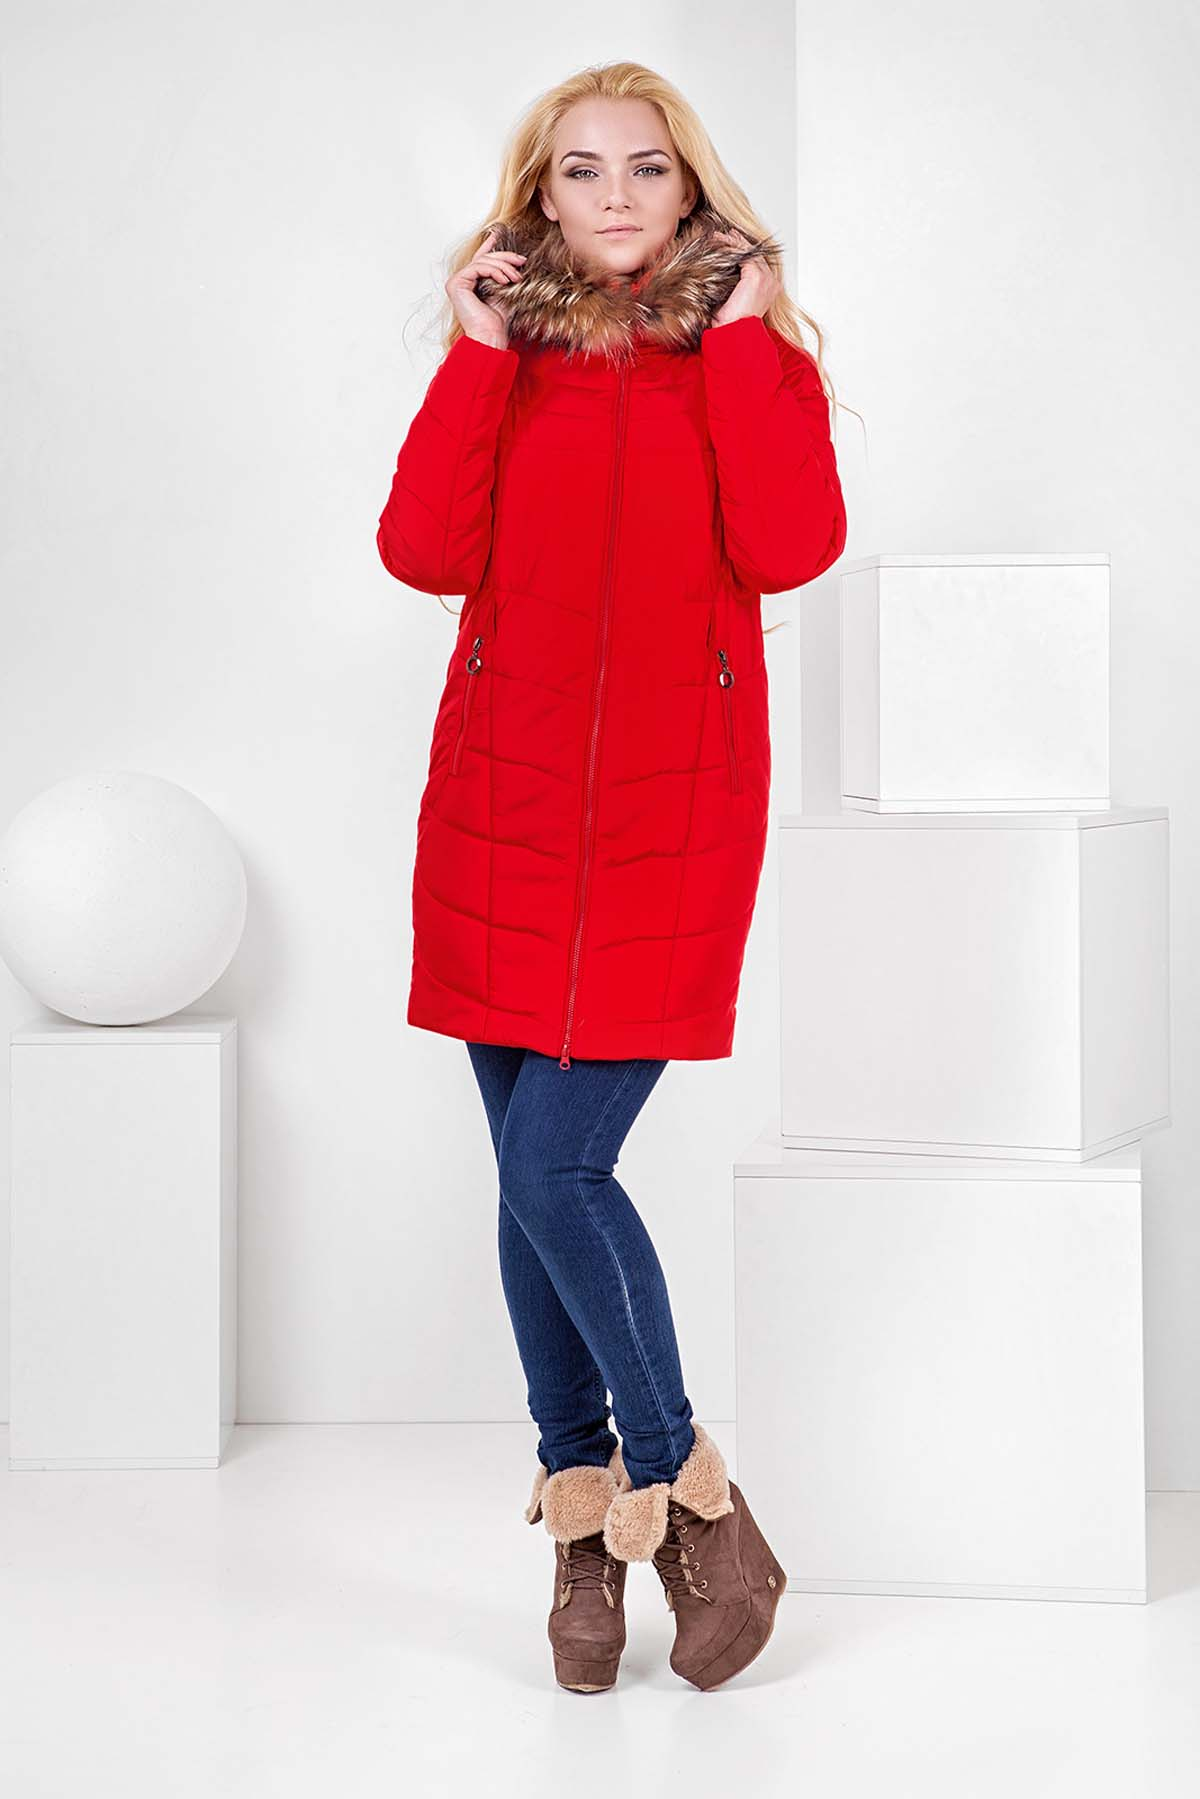 Зимова куртка Арізона, memory oil червоний хутро енота